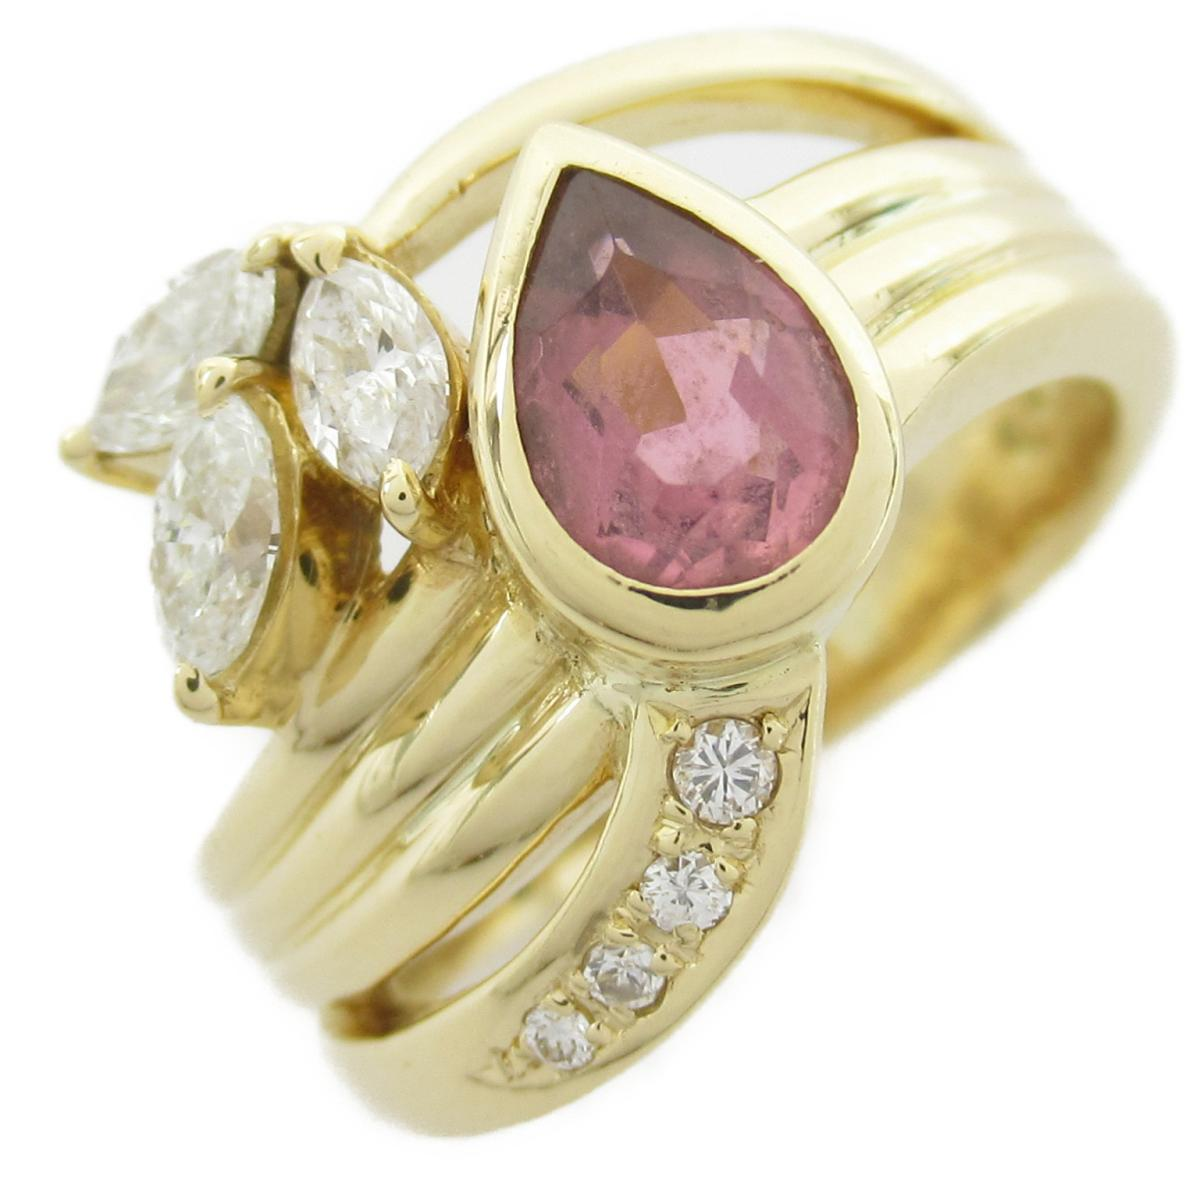 タサキ ダイヤモンド リング 指輪 ブランドジュエリー レディース 18Kイエローゴールド x ダイヤモンド0.4ct 【中古】 | TASAKI BRANDOFF ブランドオフ ブランド ジュエリー アクセサリー